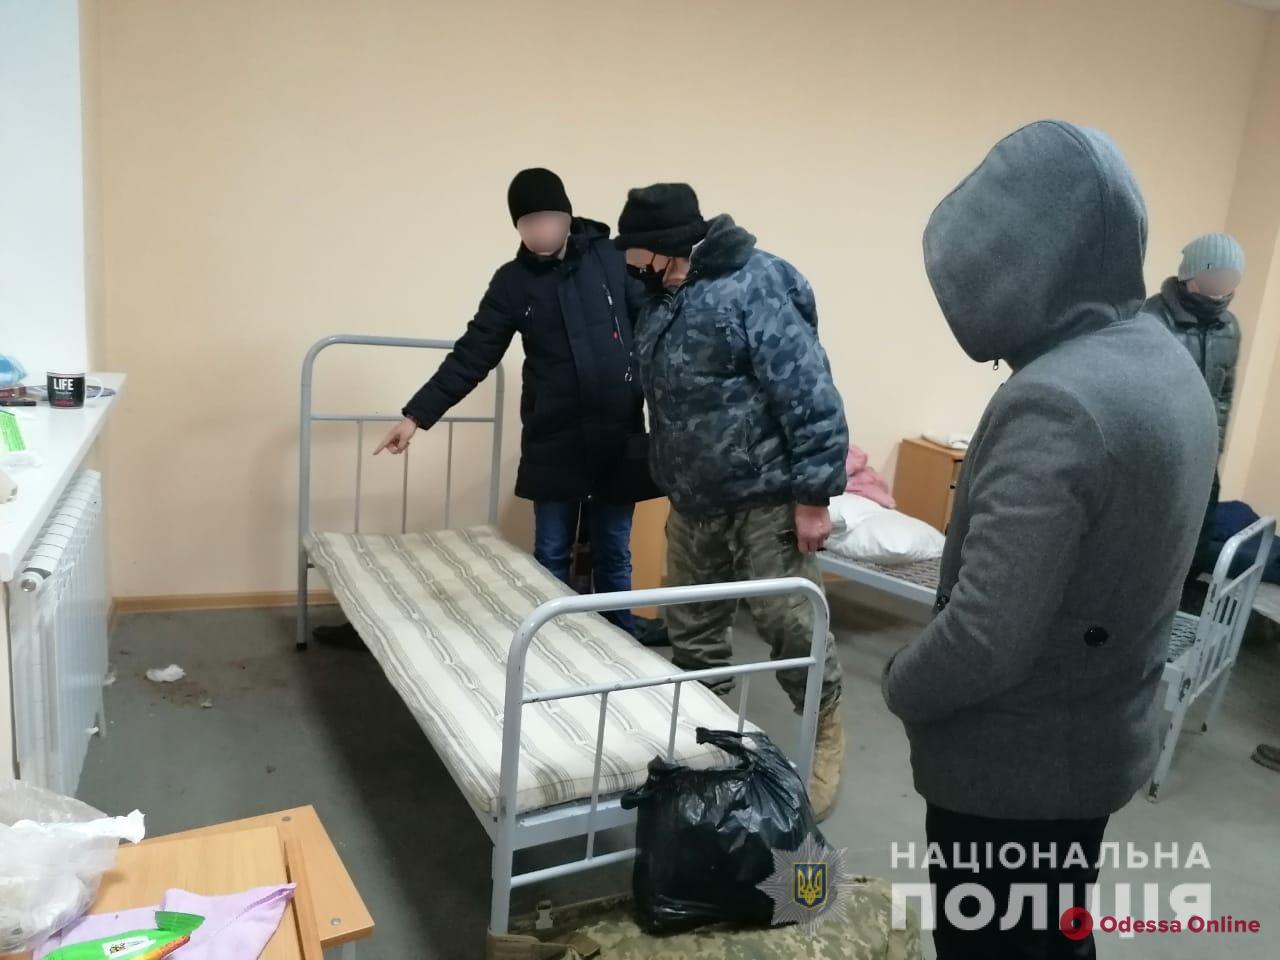 Убийство военнослужащего в Одесской области: подозреваемого отправили в СИЗО